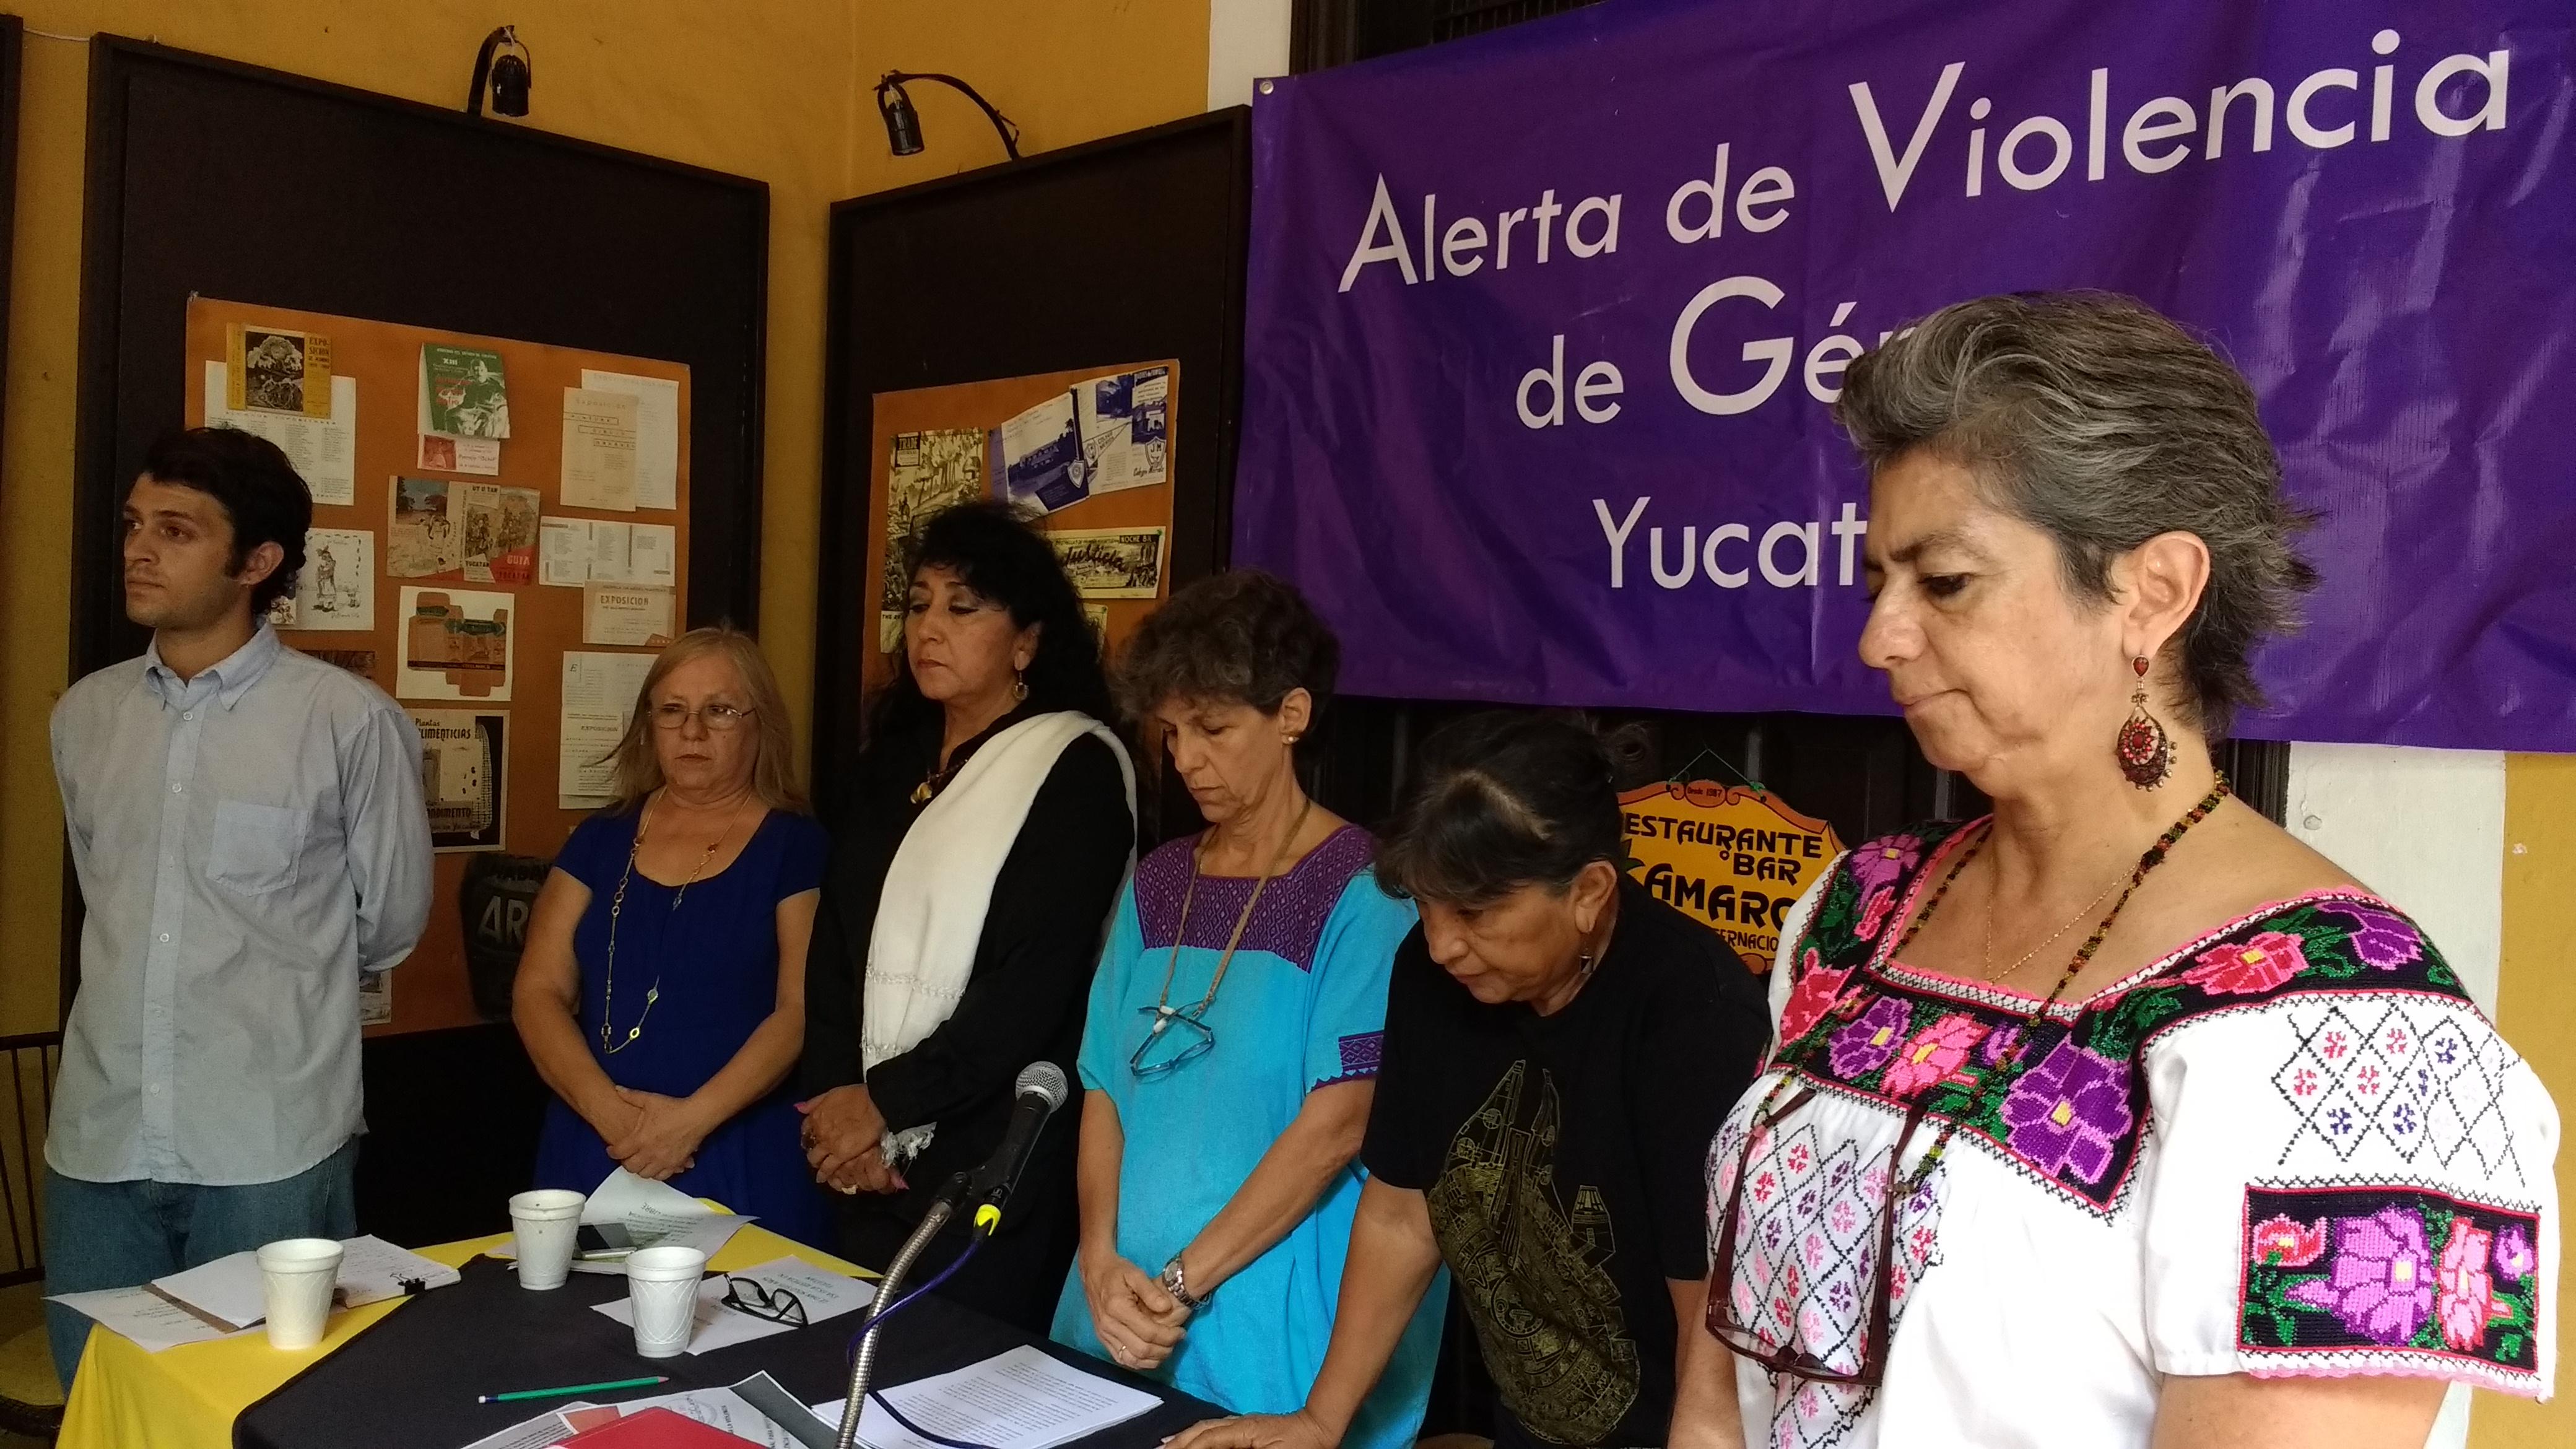 Justifican petición de alerta de género en Yucatán